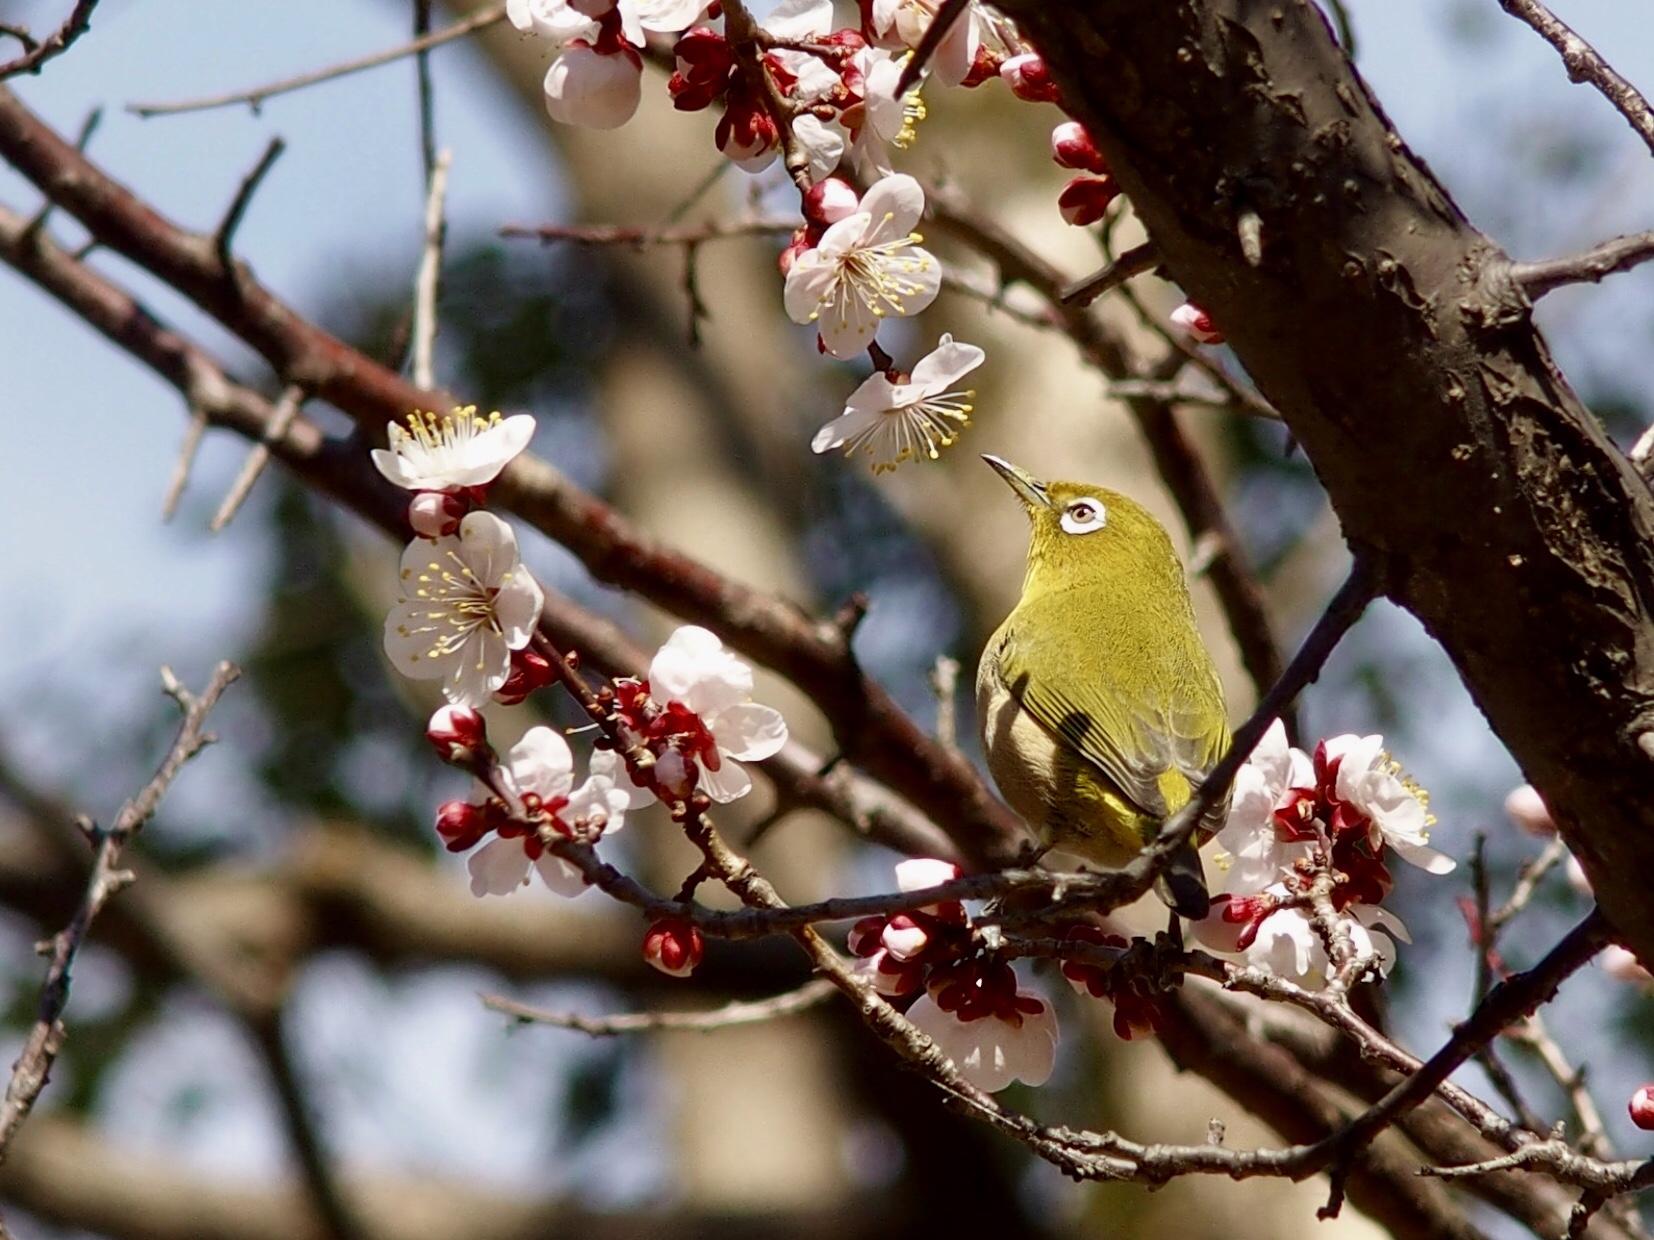 多摩中央公園の梅の木に止まるメジロ!